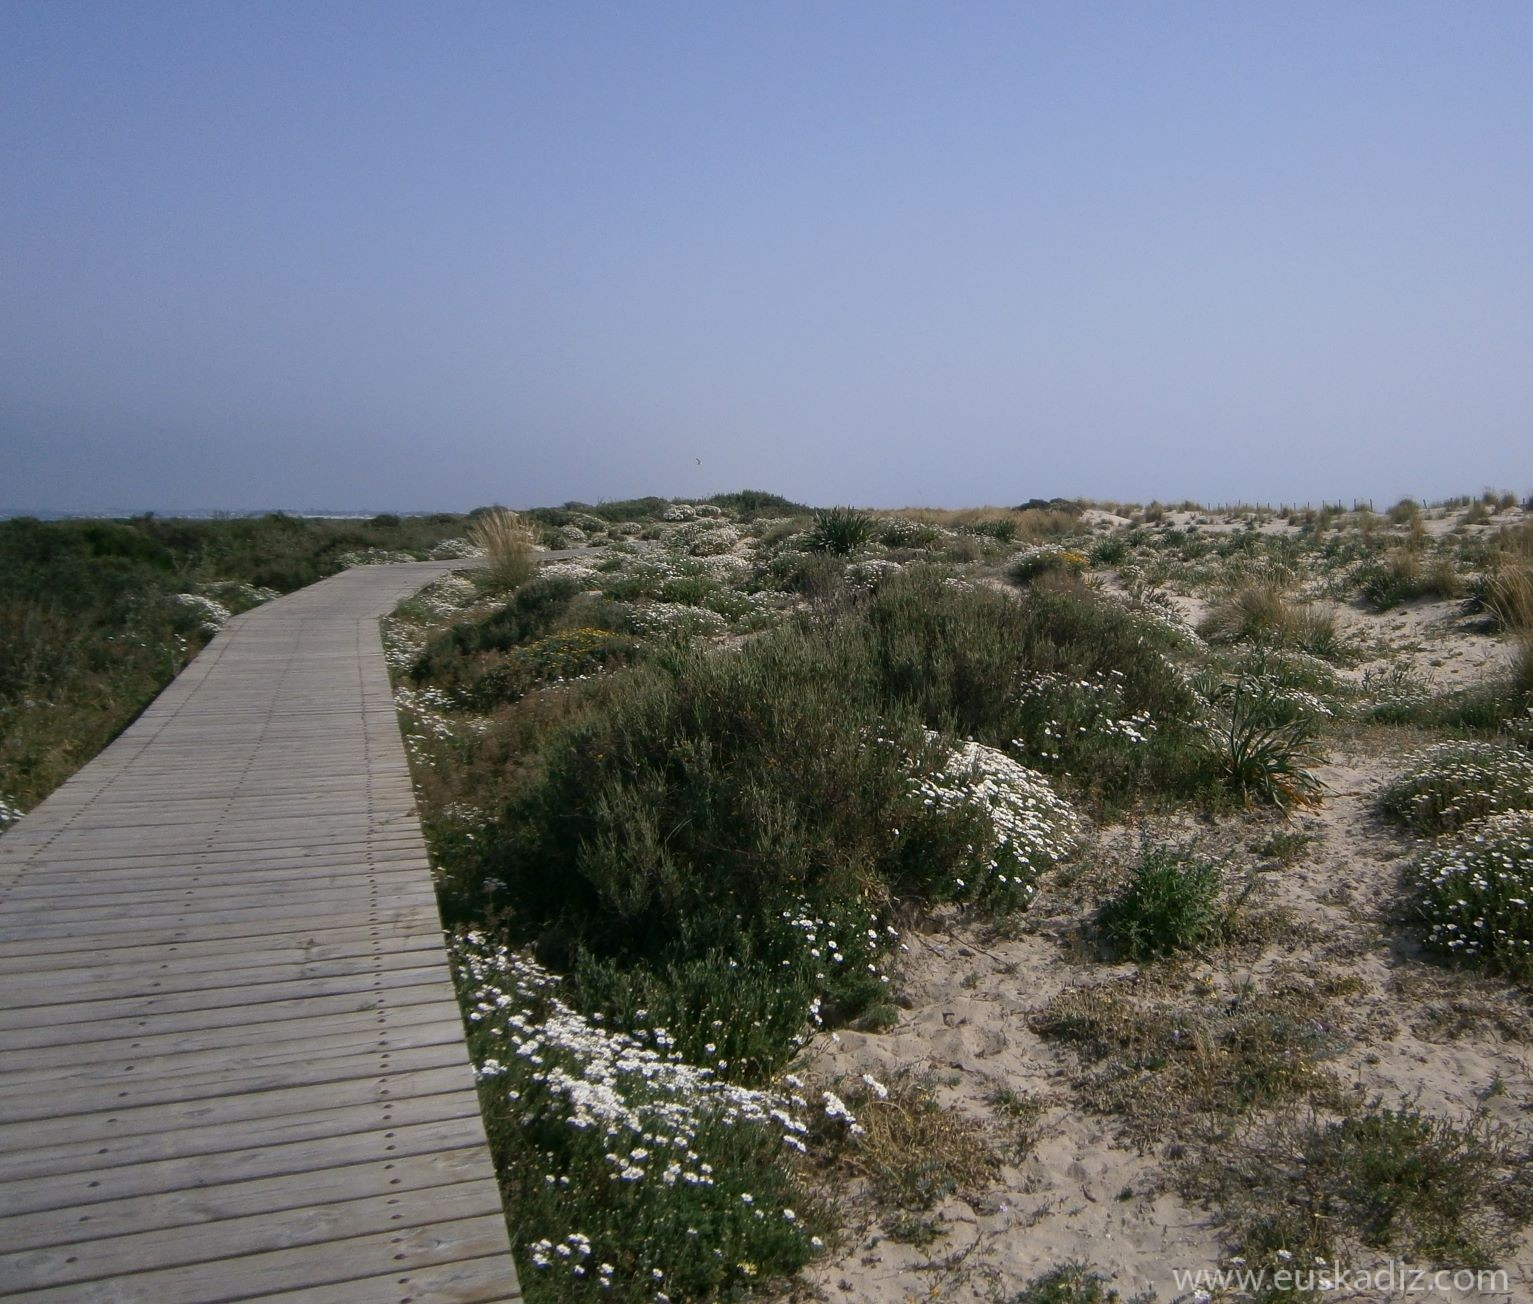 Travesía por el litoral gaditano (I). Camposoto, la punta del boquerón y la batería de Urrutia.